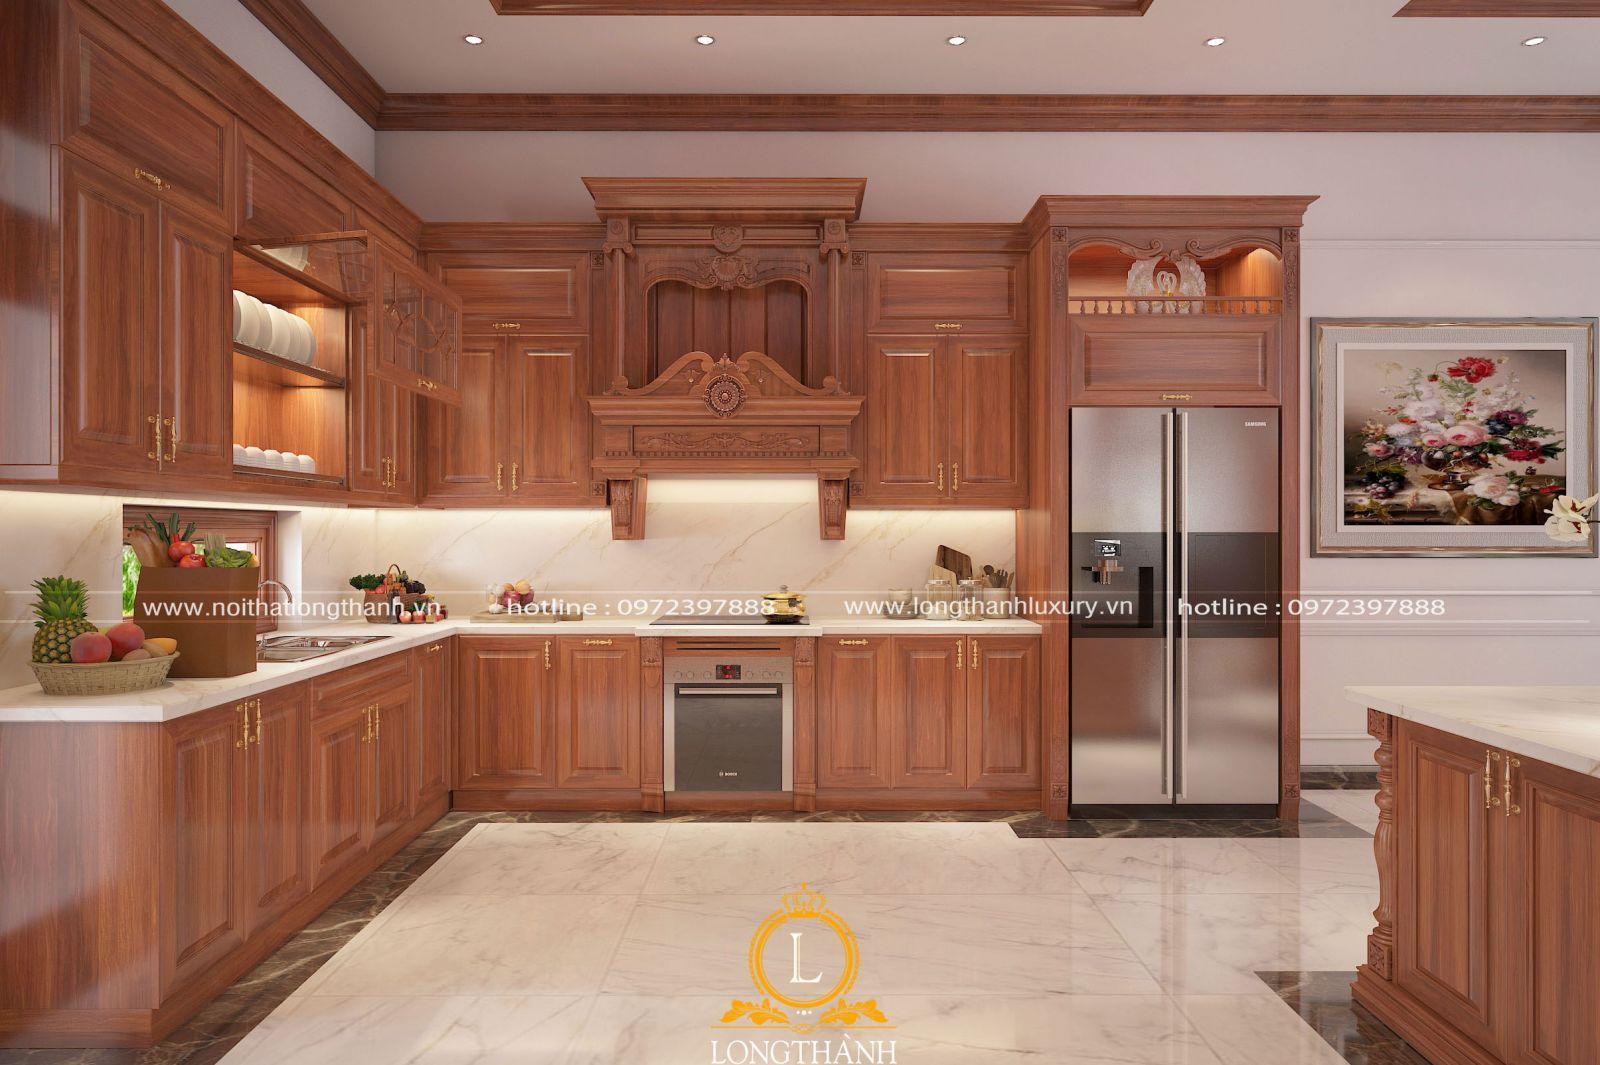 Tủ bếp tân cổ điển từ gỗ Gõ được chủ nhân lựa chọn gam màu vàng sáng